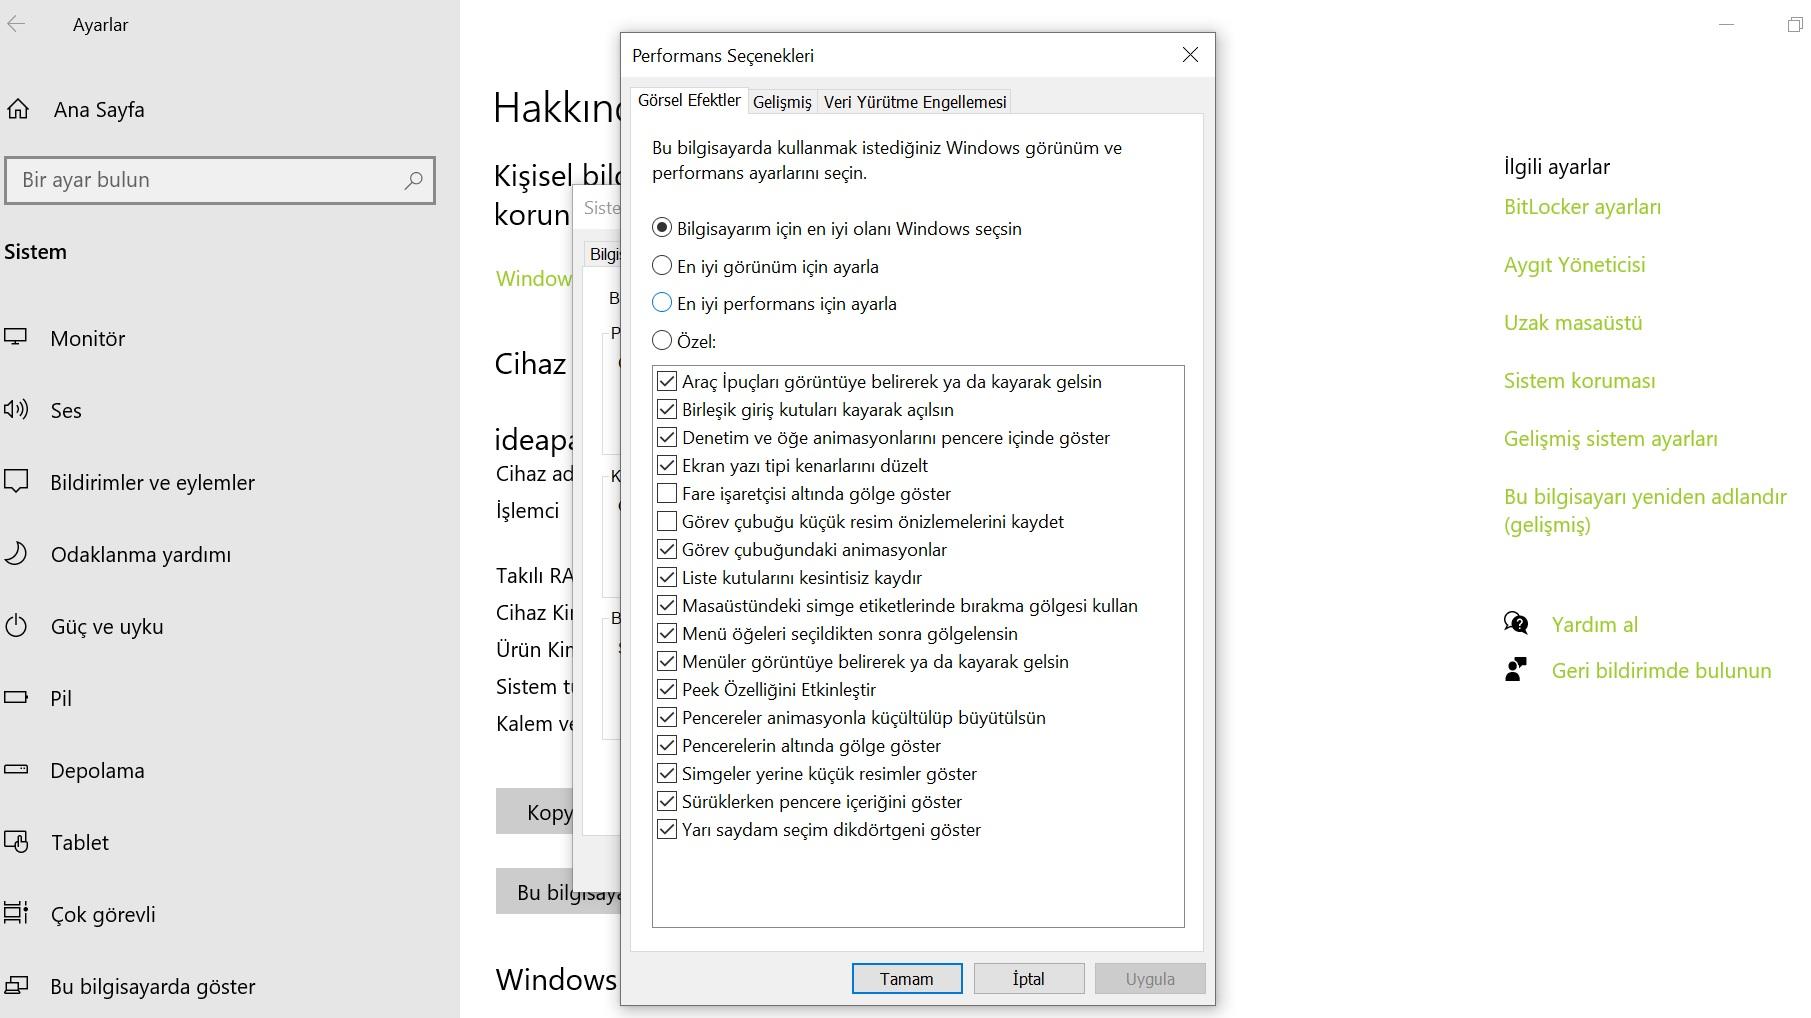 windows performans seçenekleri